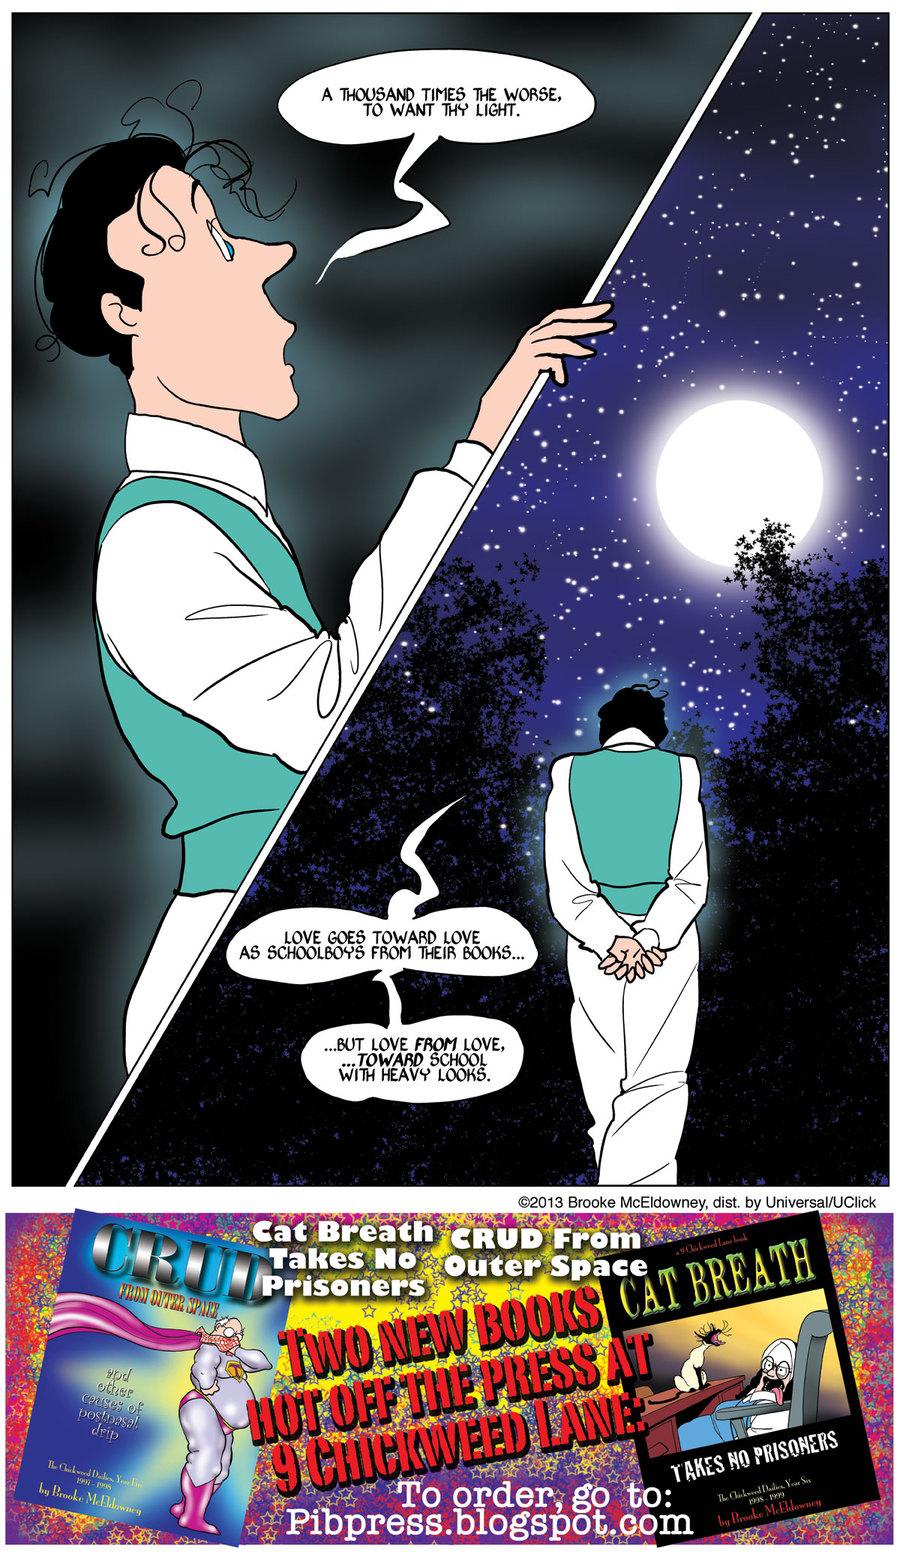 Pibgorn for Nov 13, 2013 Comic Strip